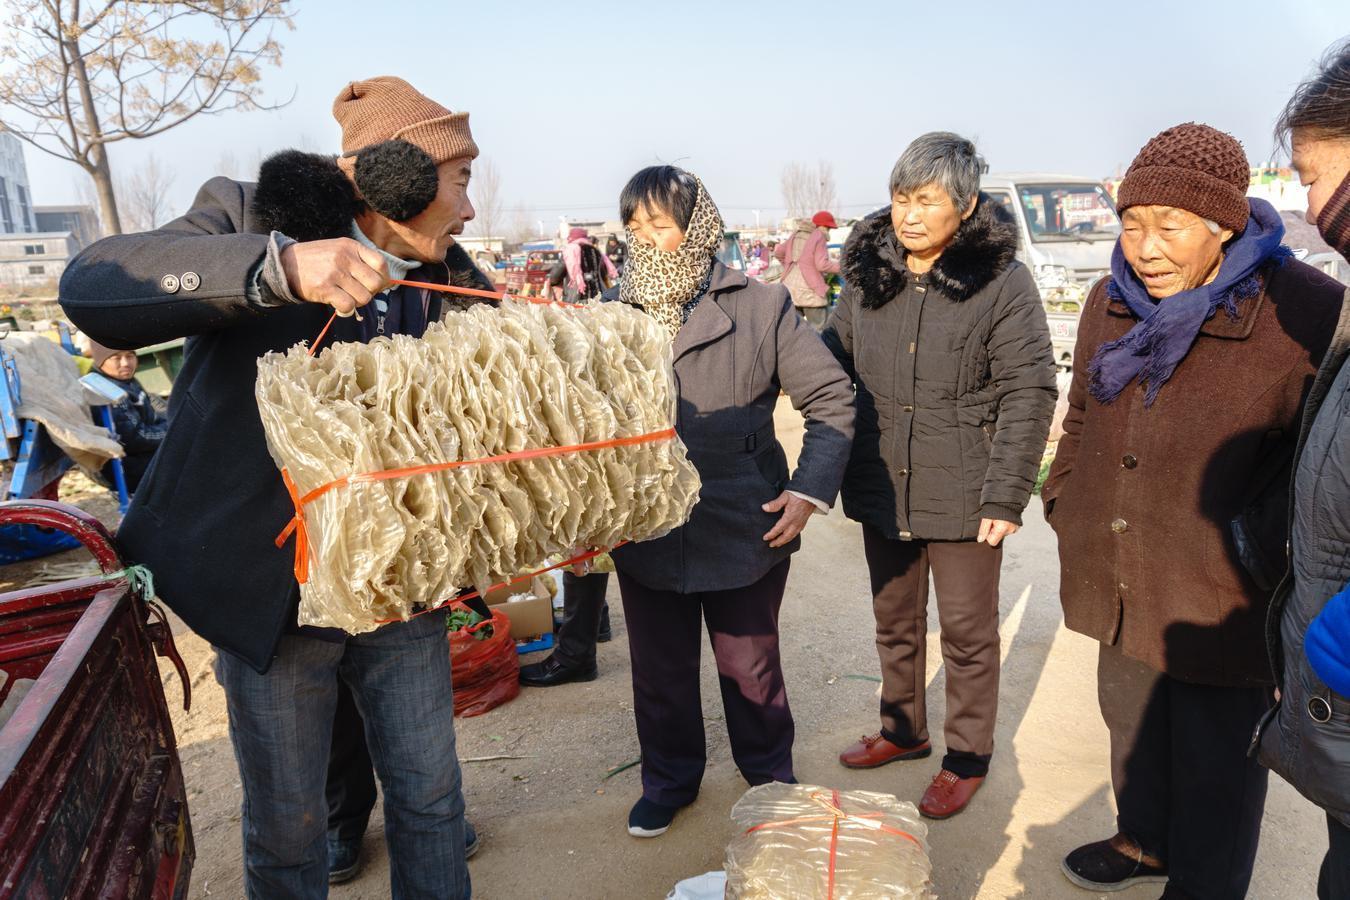 农村大集上这贴地气的美食,七块钱一斤,天越冷买的人越多